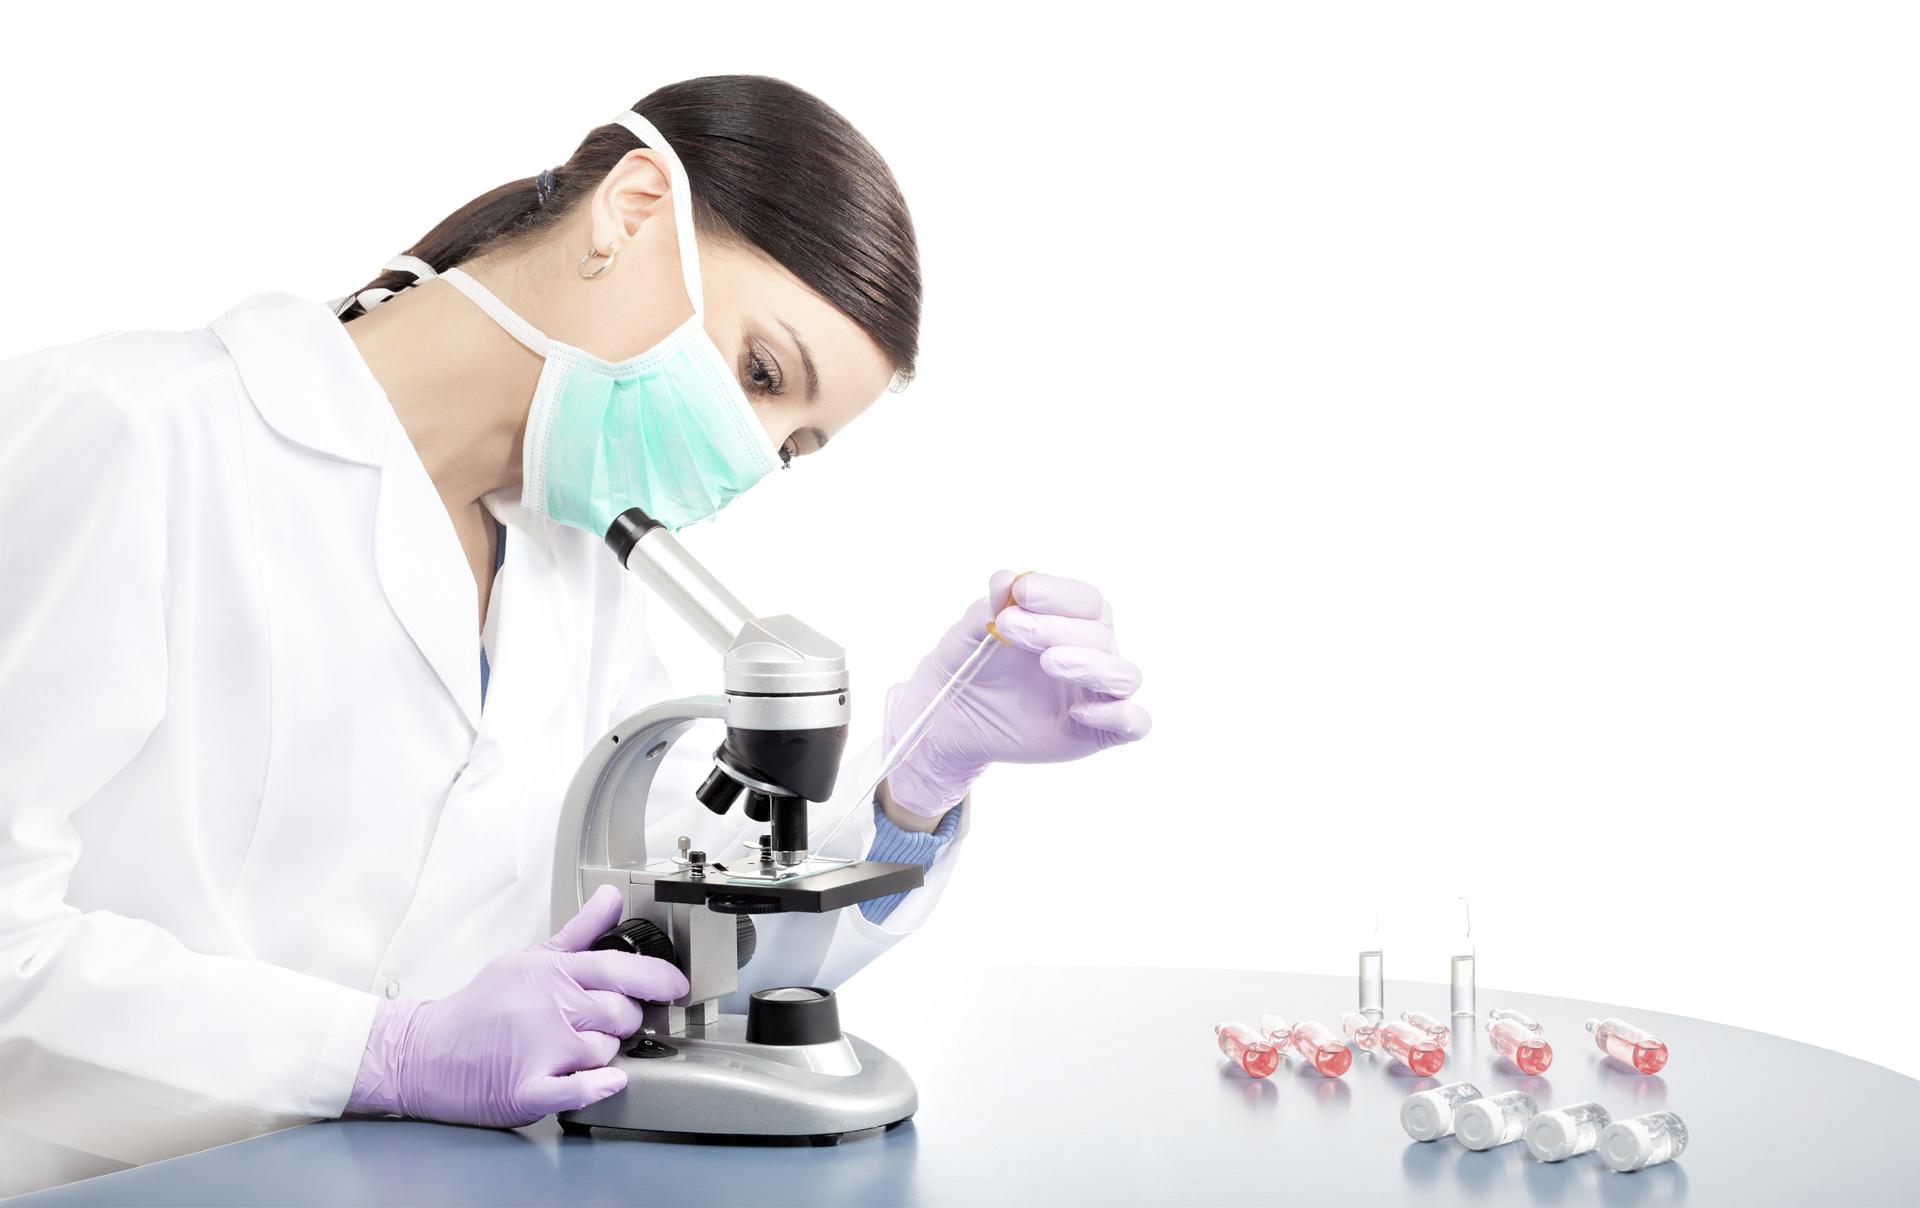 Se tomaron muestras para confirmar o descartar la enfermedad en el paciente